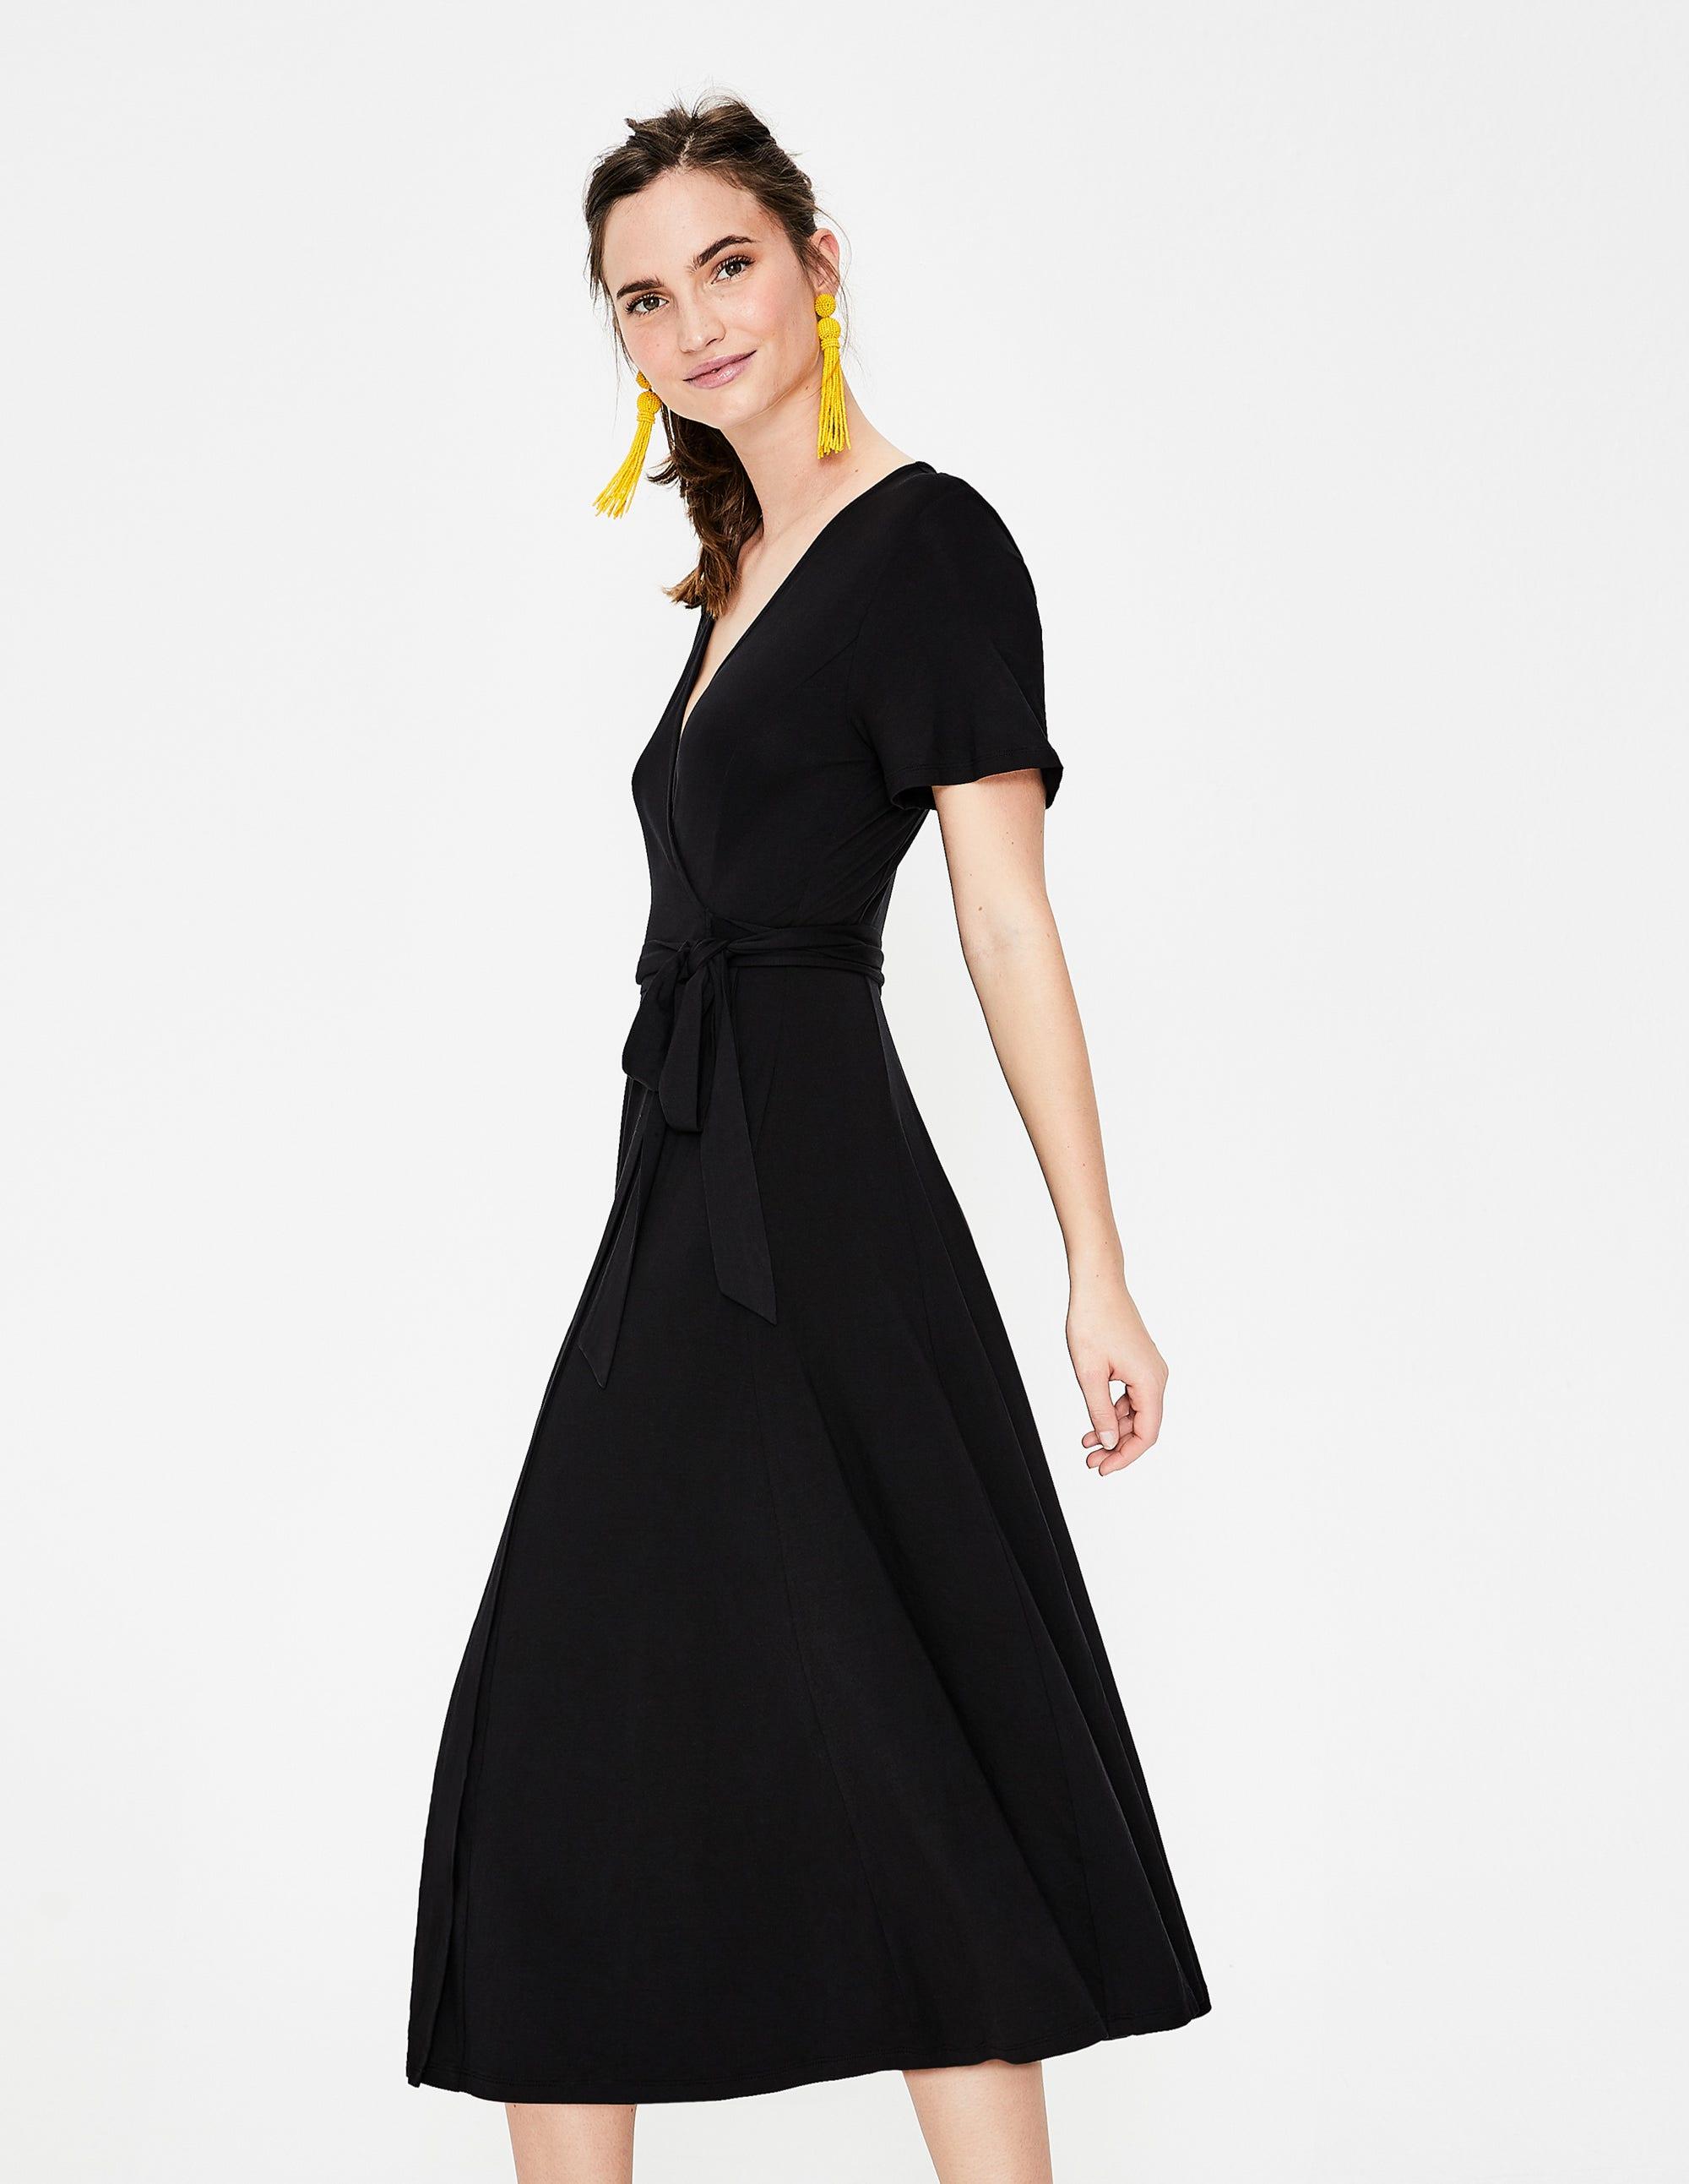 c769e1d4aa0 Cassia Jersey Midi Dress - Black